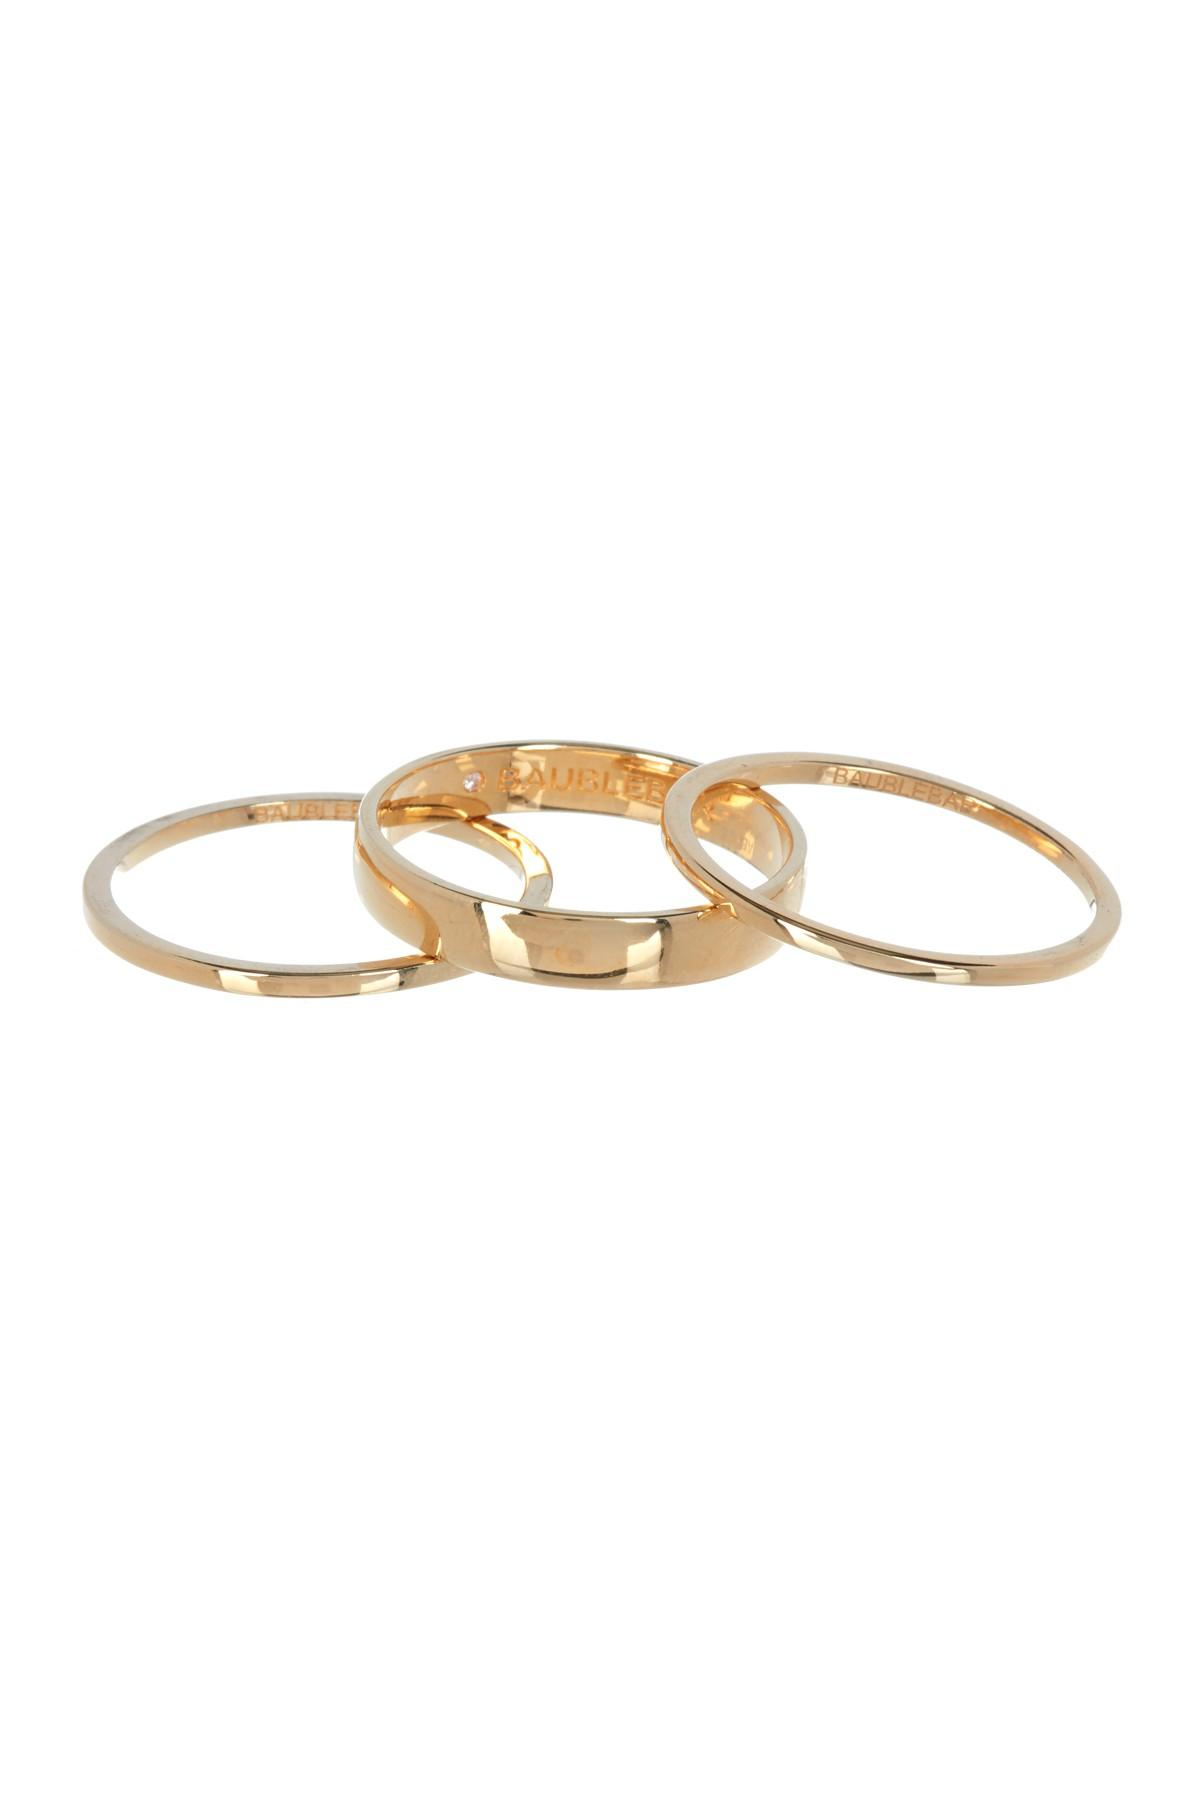 2c2bbae7e6874 Lyst - BaubleBar 18k Gold Vermeil Stacking Ring Set in Metallic